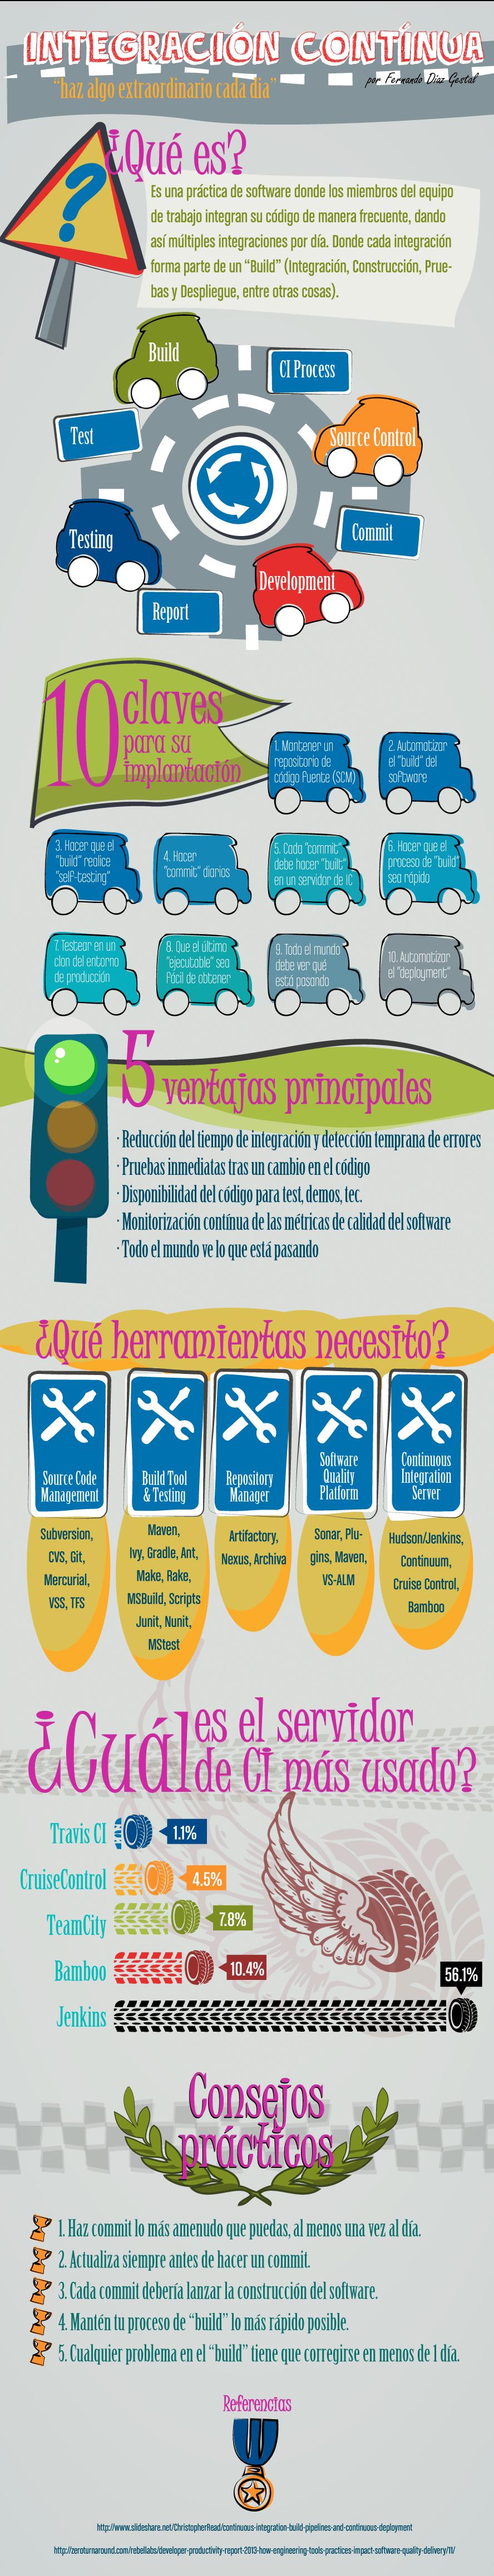 Integración continua - Infografia